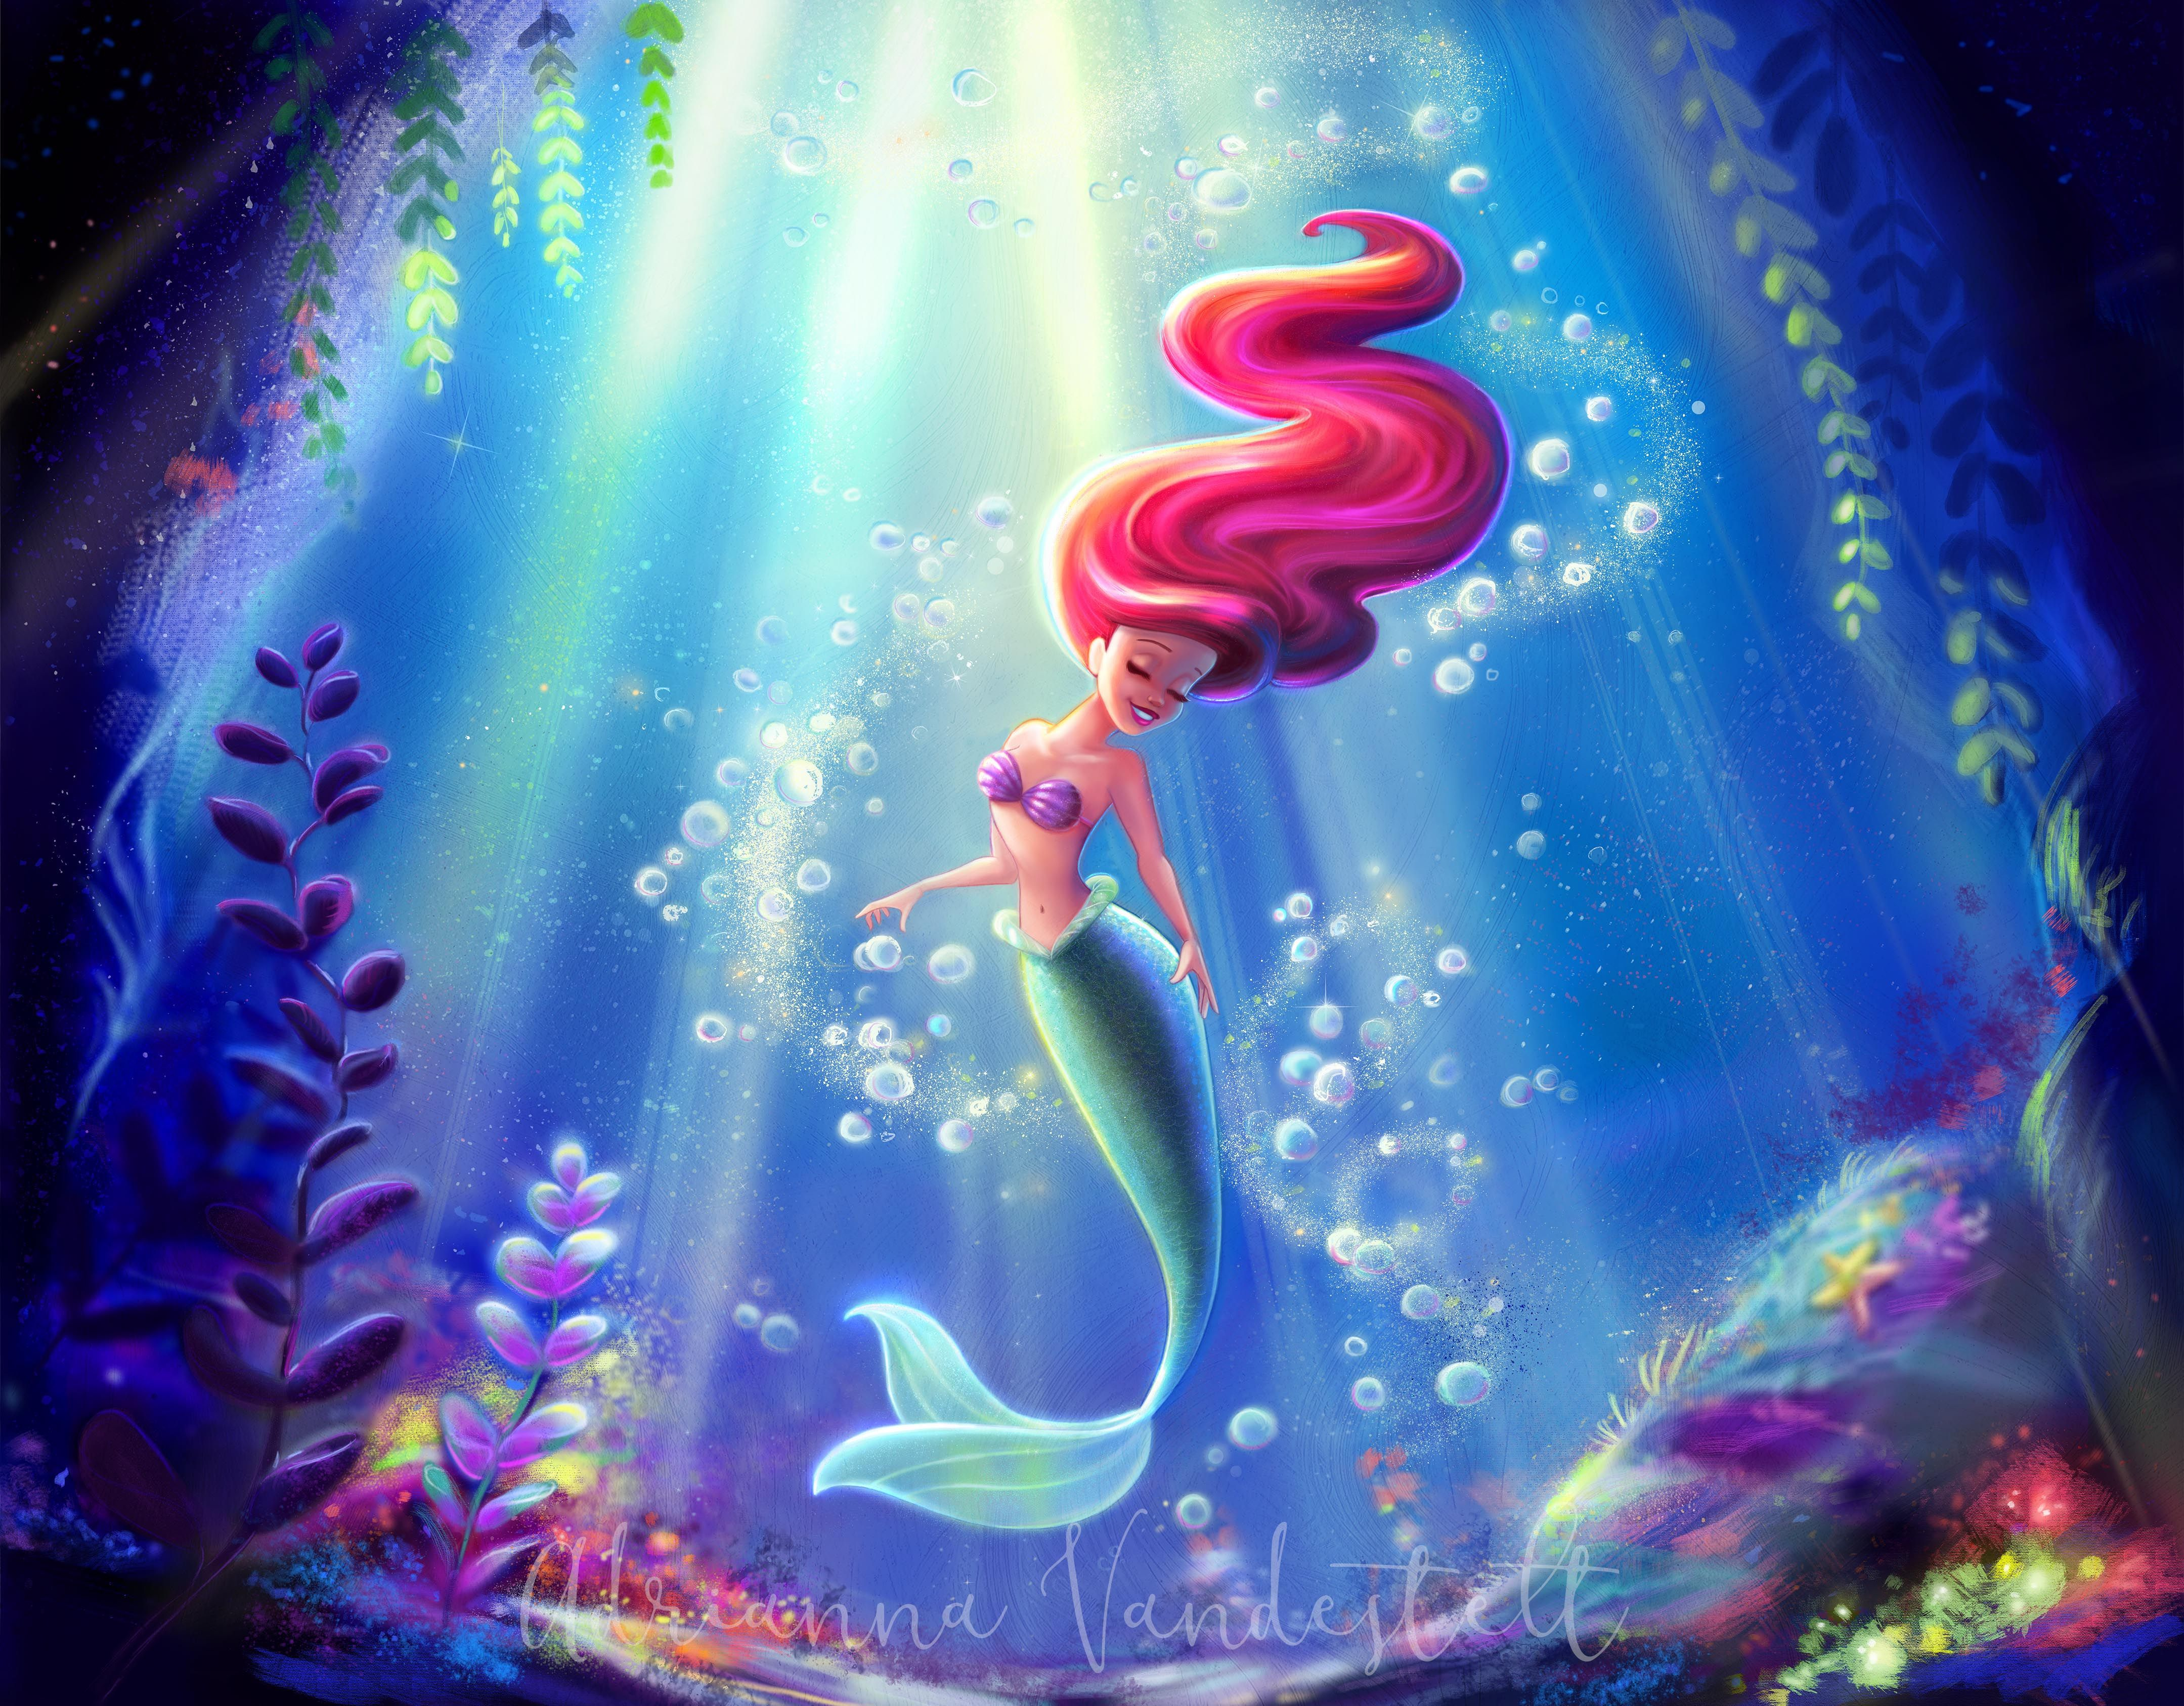 Life Is The Bubble Mermaid Wallpapers Little Mermaid Wallpaper Disney Fine Art